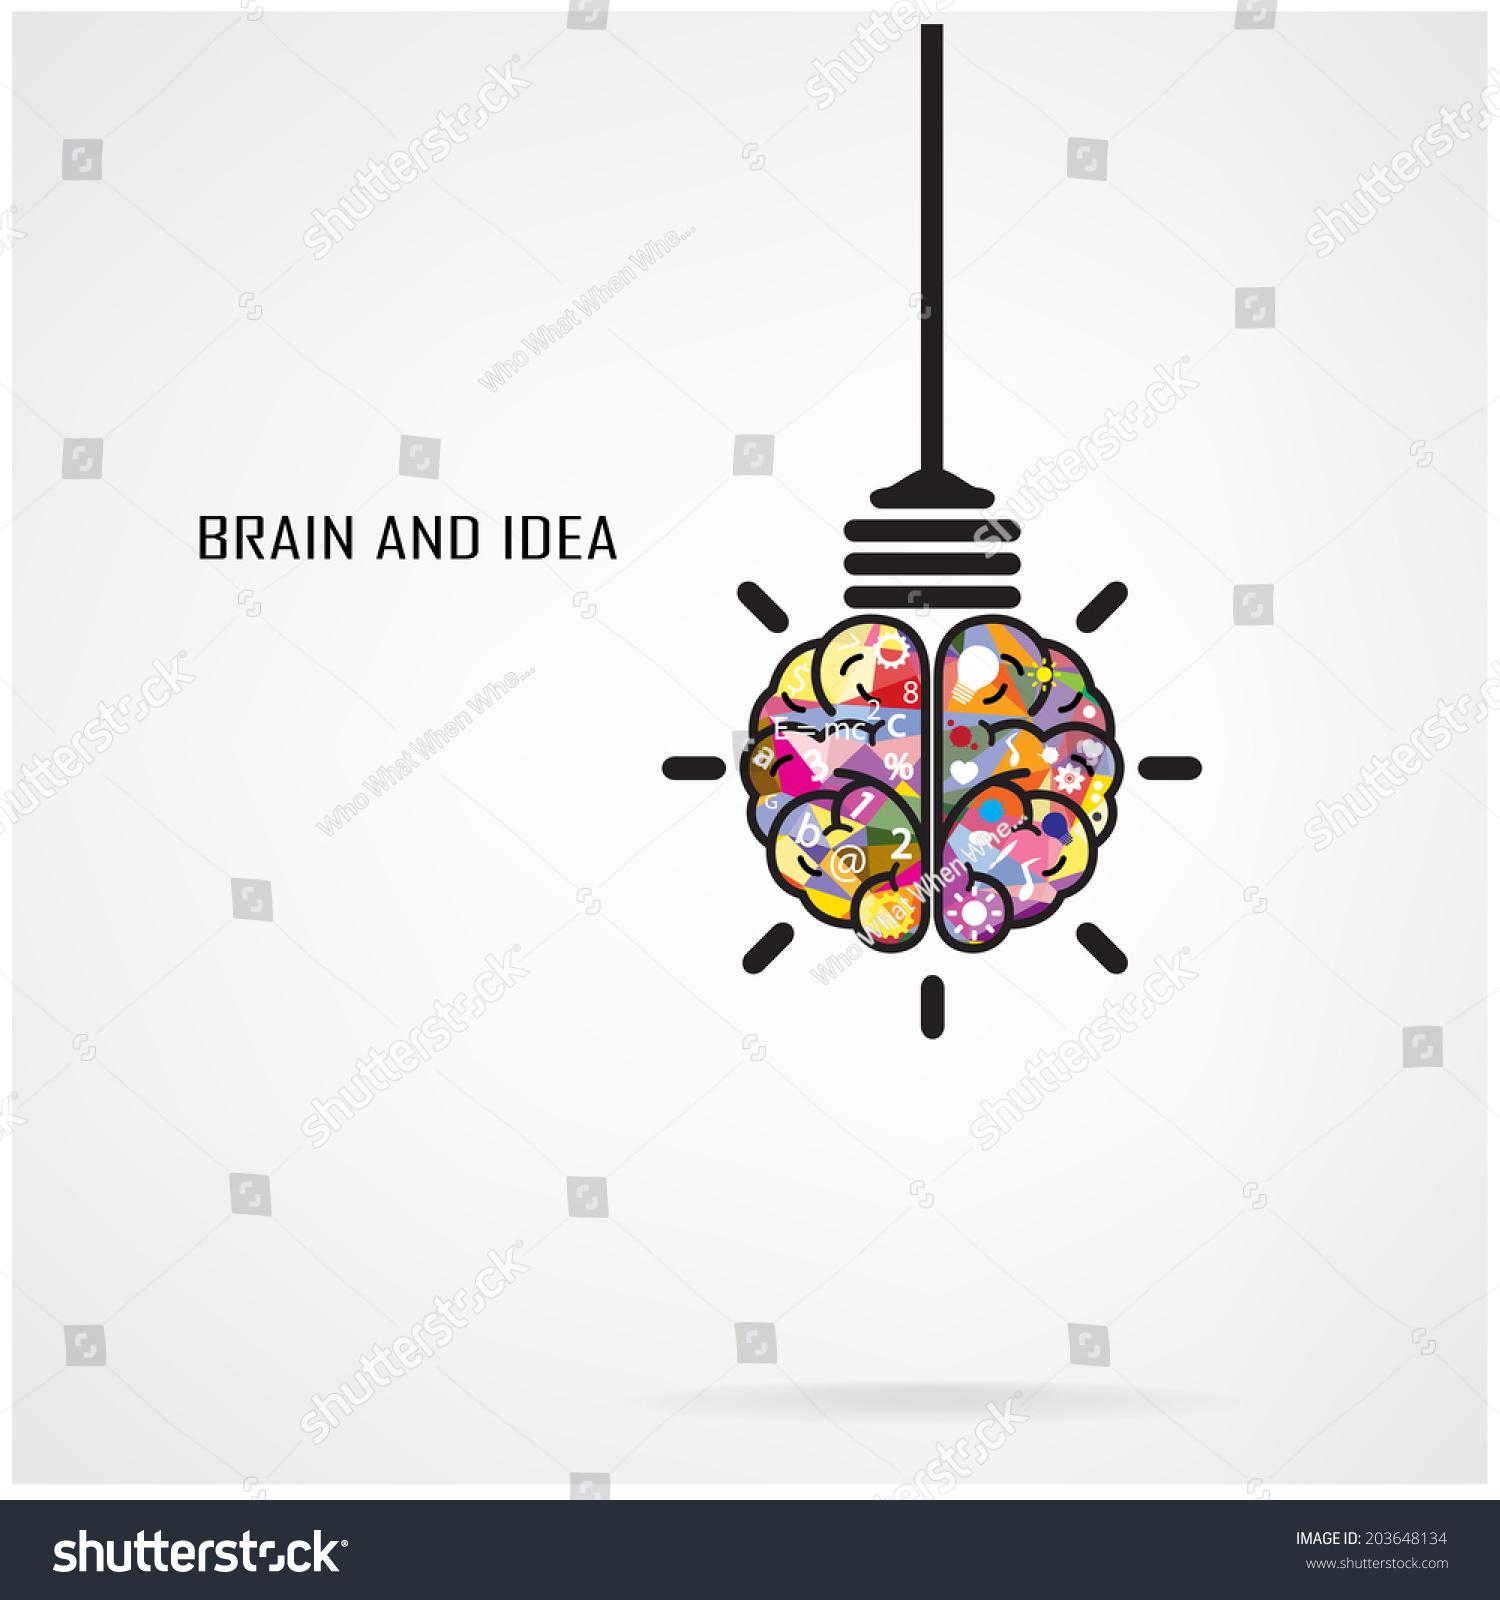 Idea Design idea design Save To A Lightbox